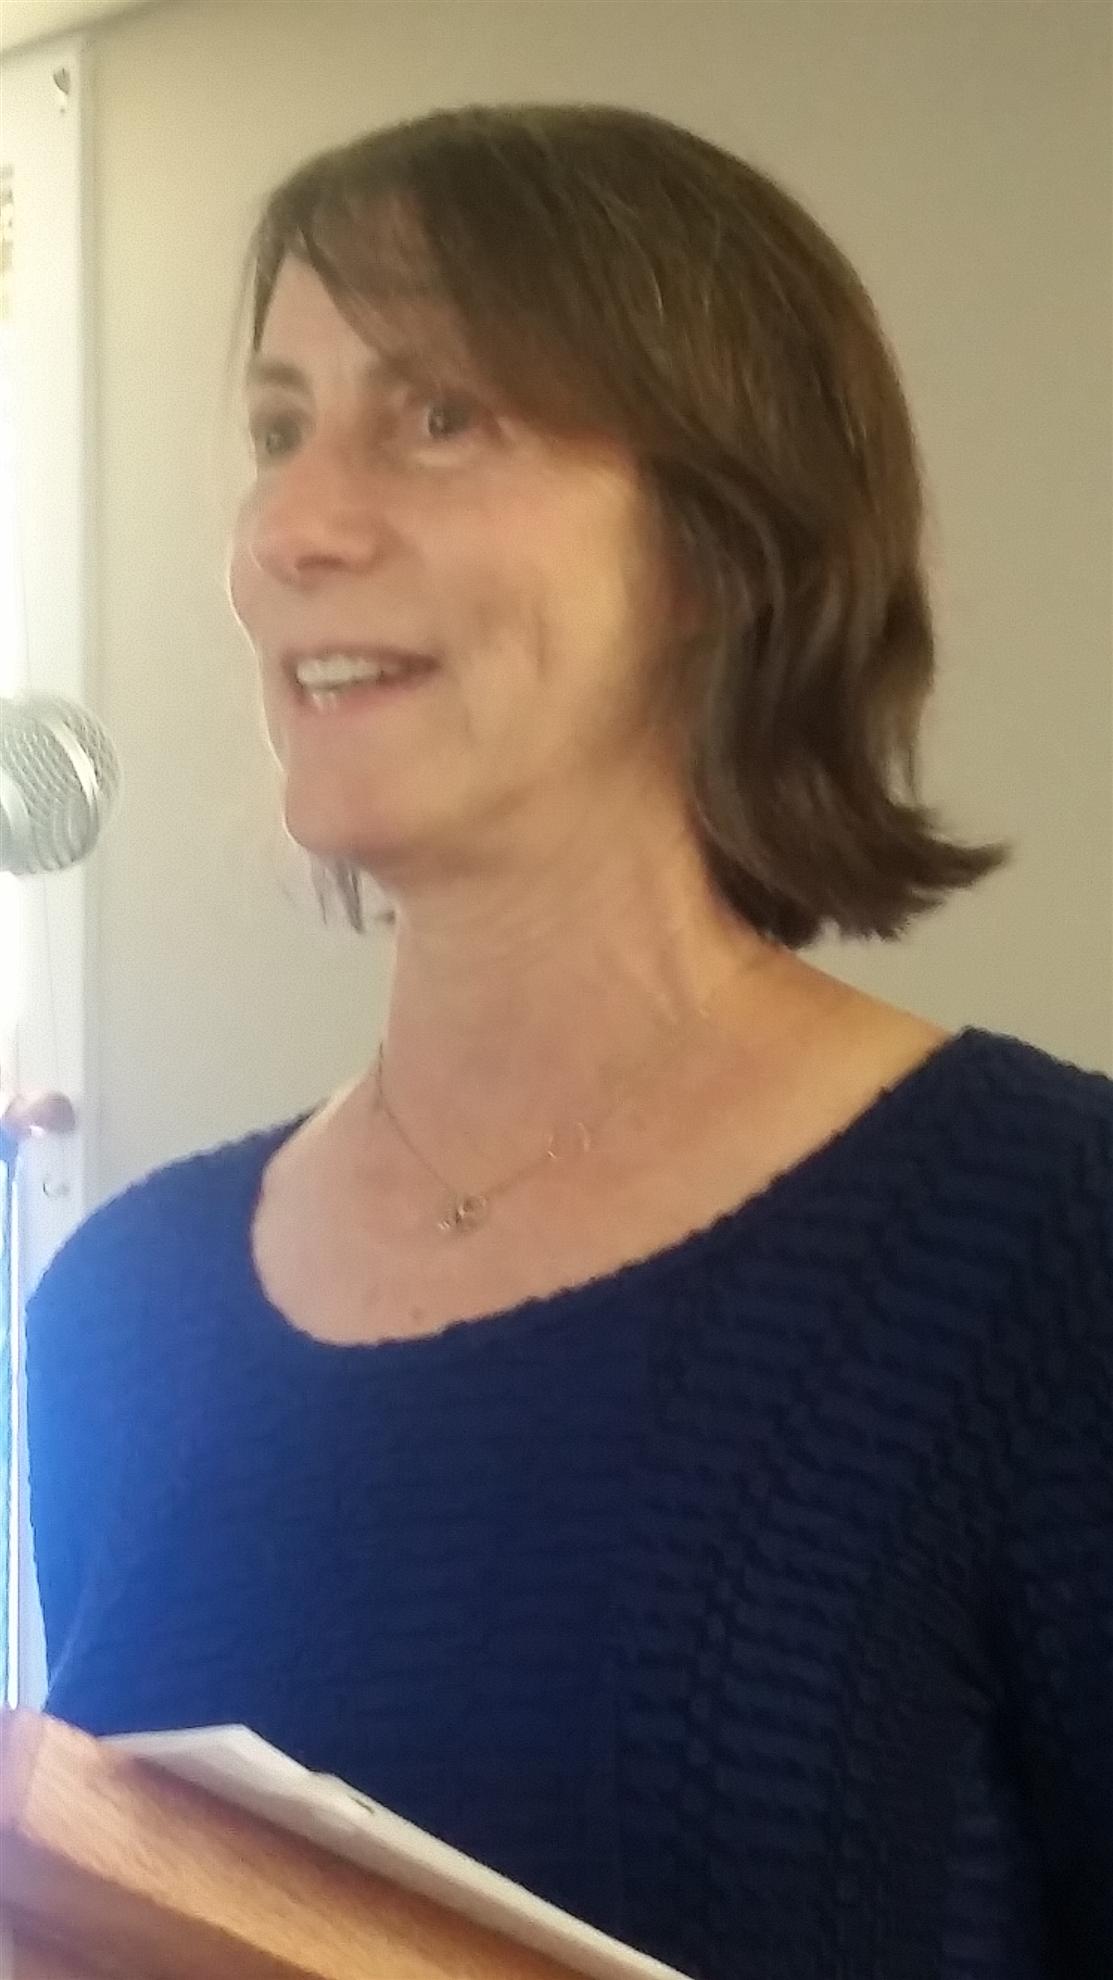 Jane Kramer of ELM